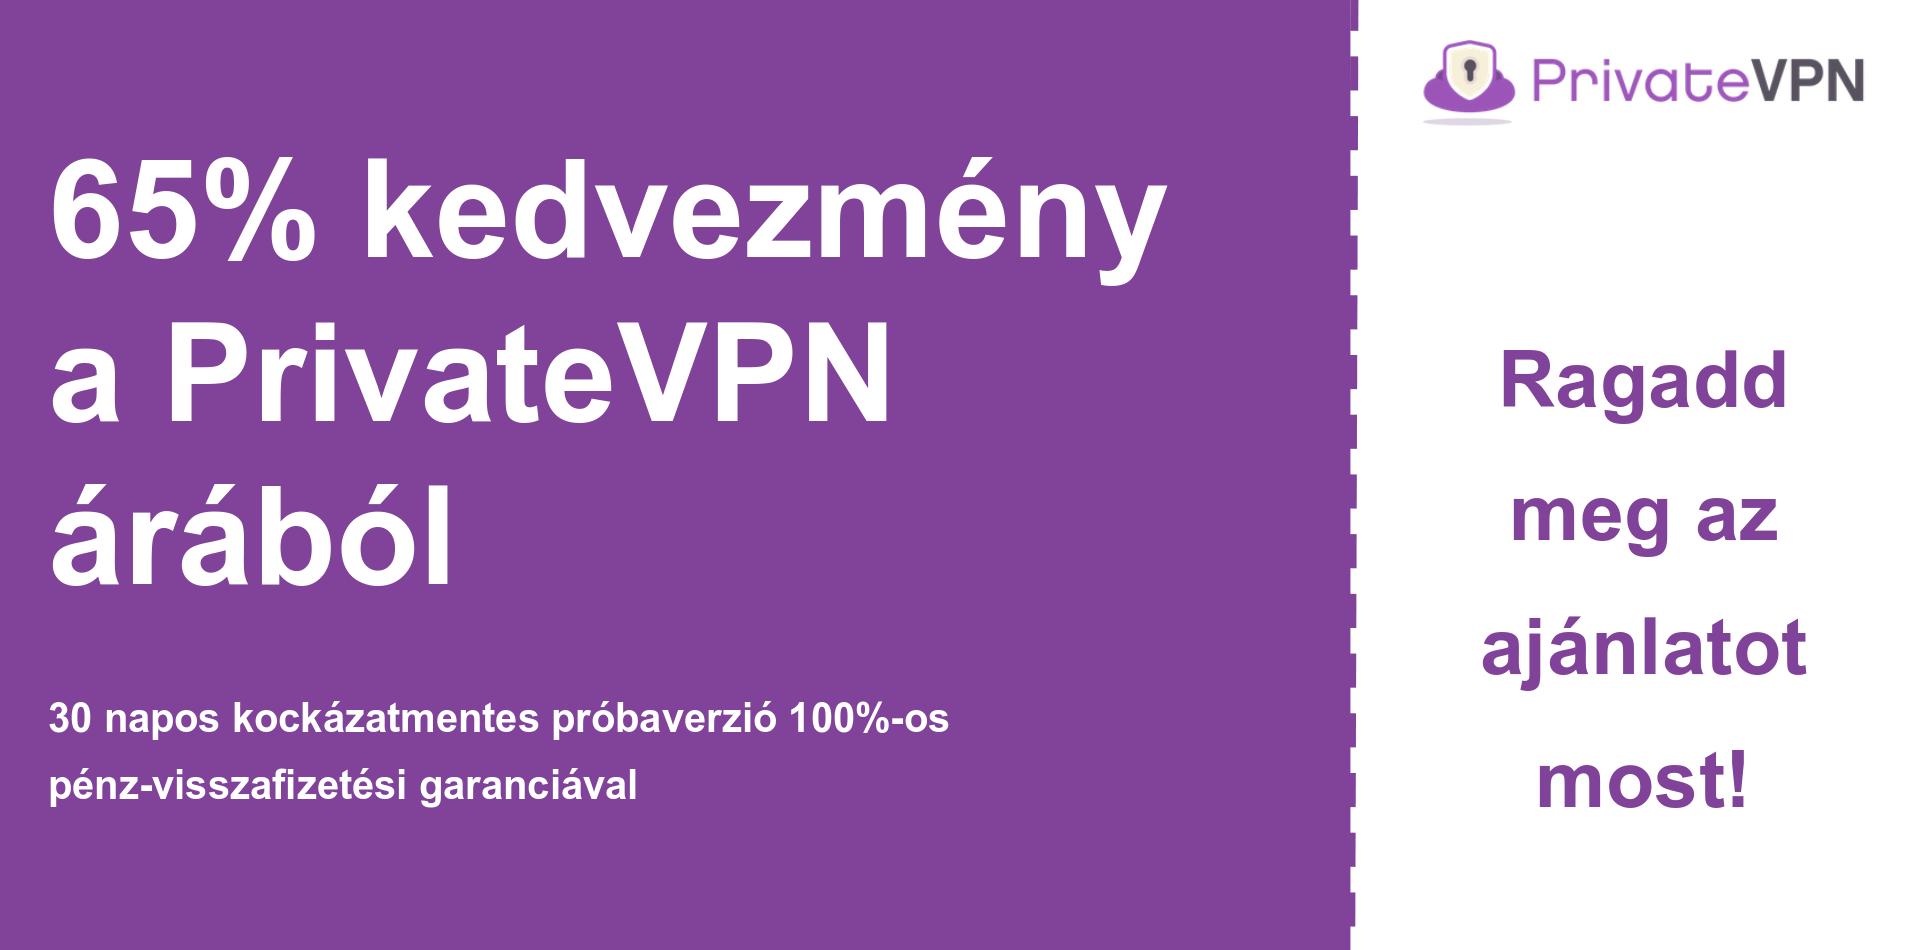 A PrivateVPN fő kupon szalaghirdetésének képe, amely 65% kedvezményt mutat